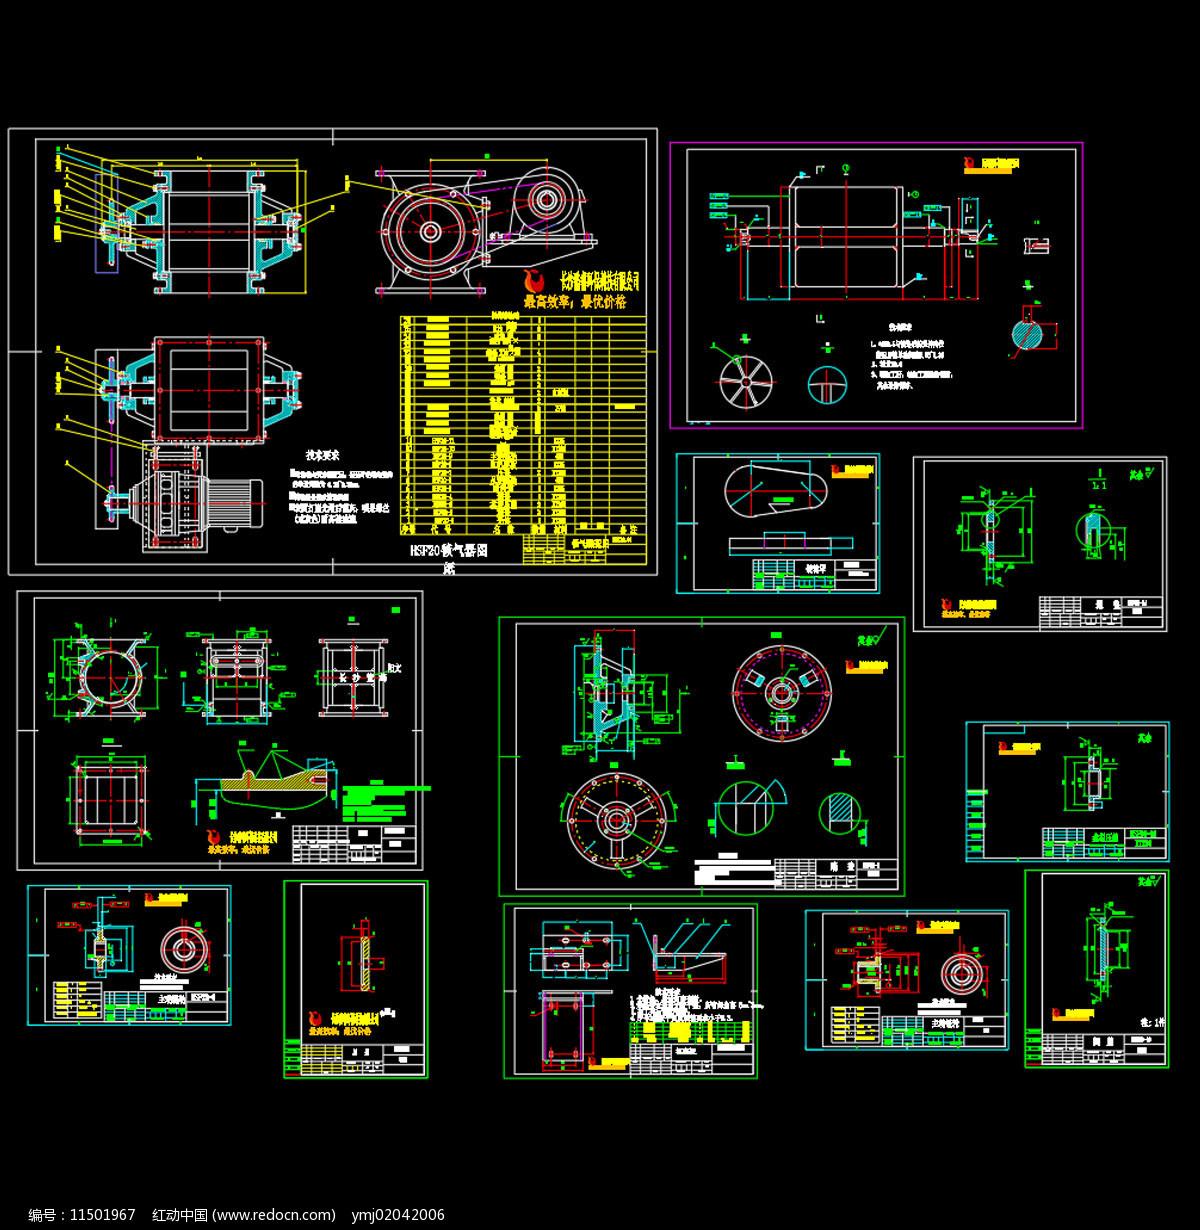 锁气器全套制作加工图CAD机械图纸图片